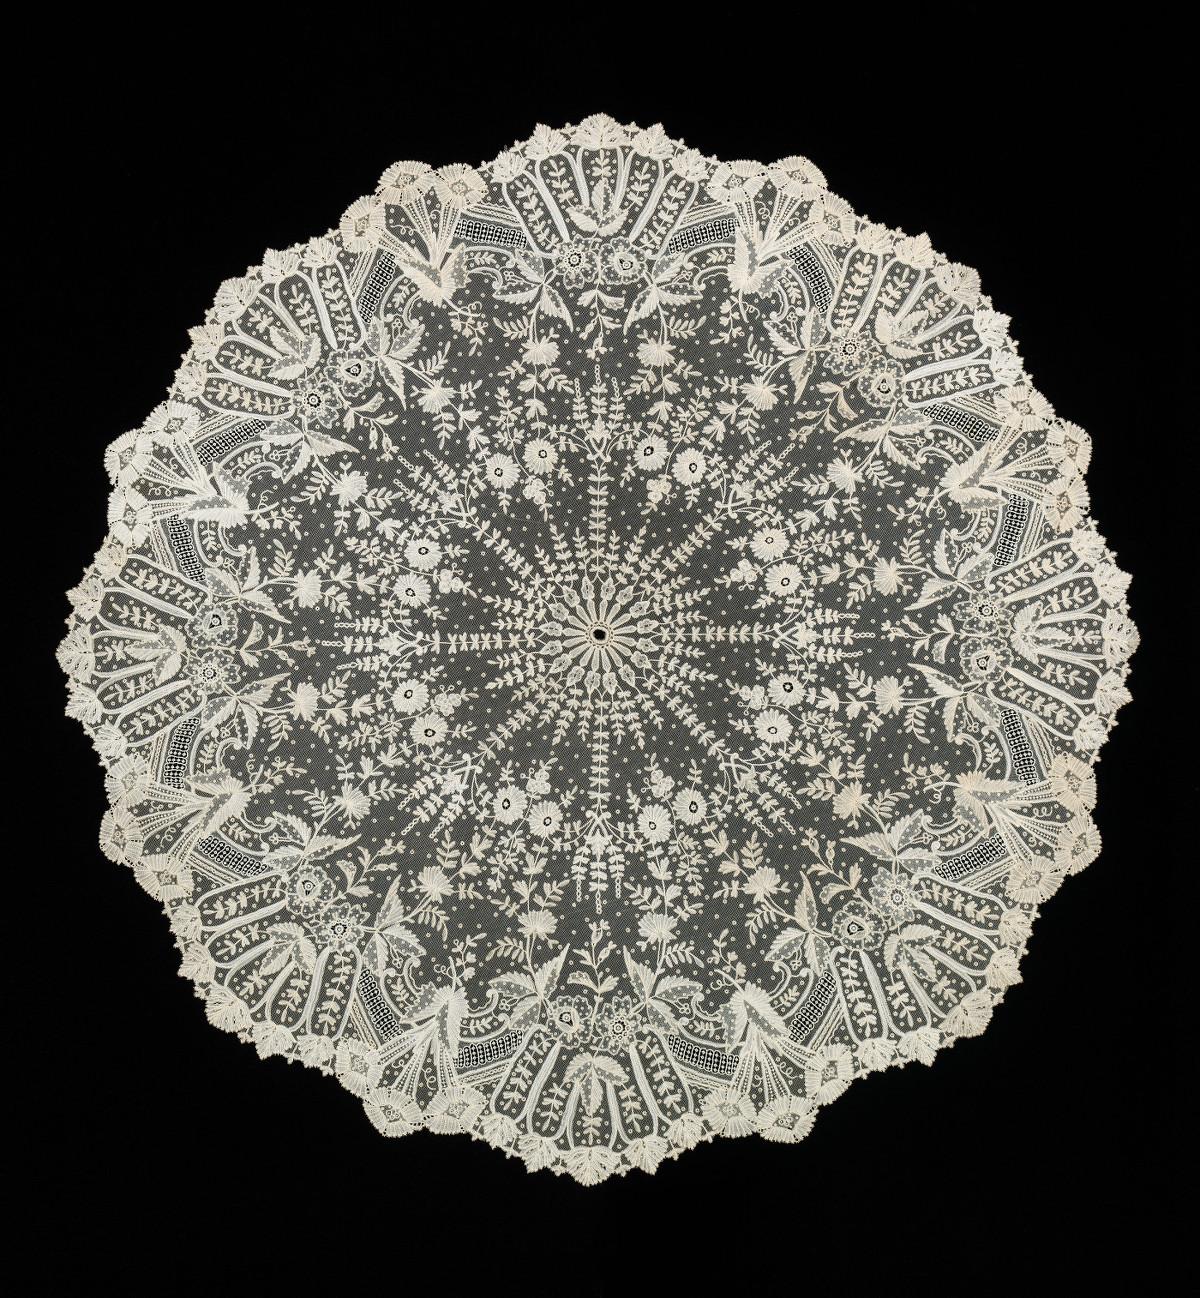 c. 1885. Belgian Net Lace Parasol